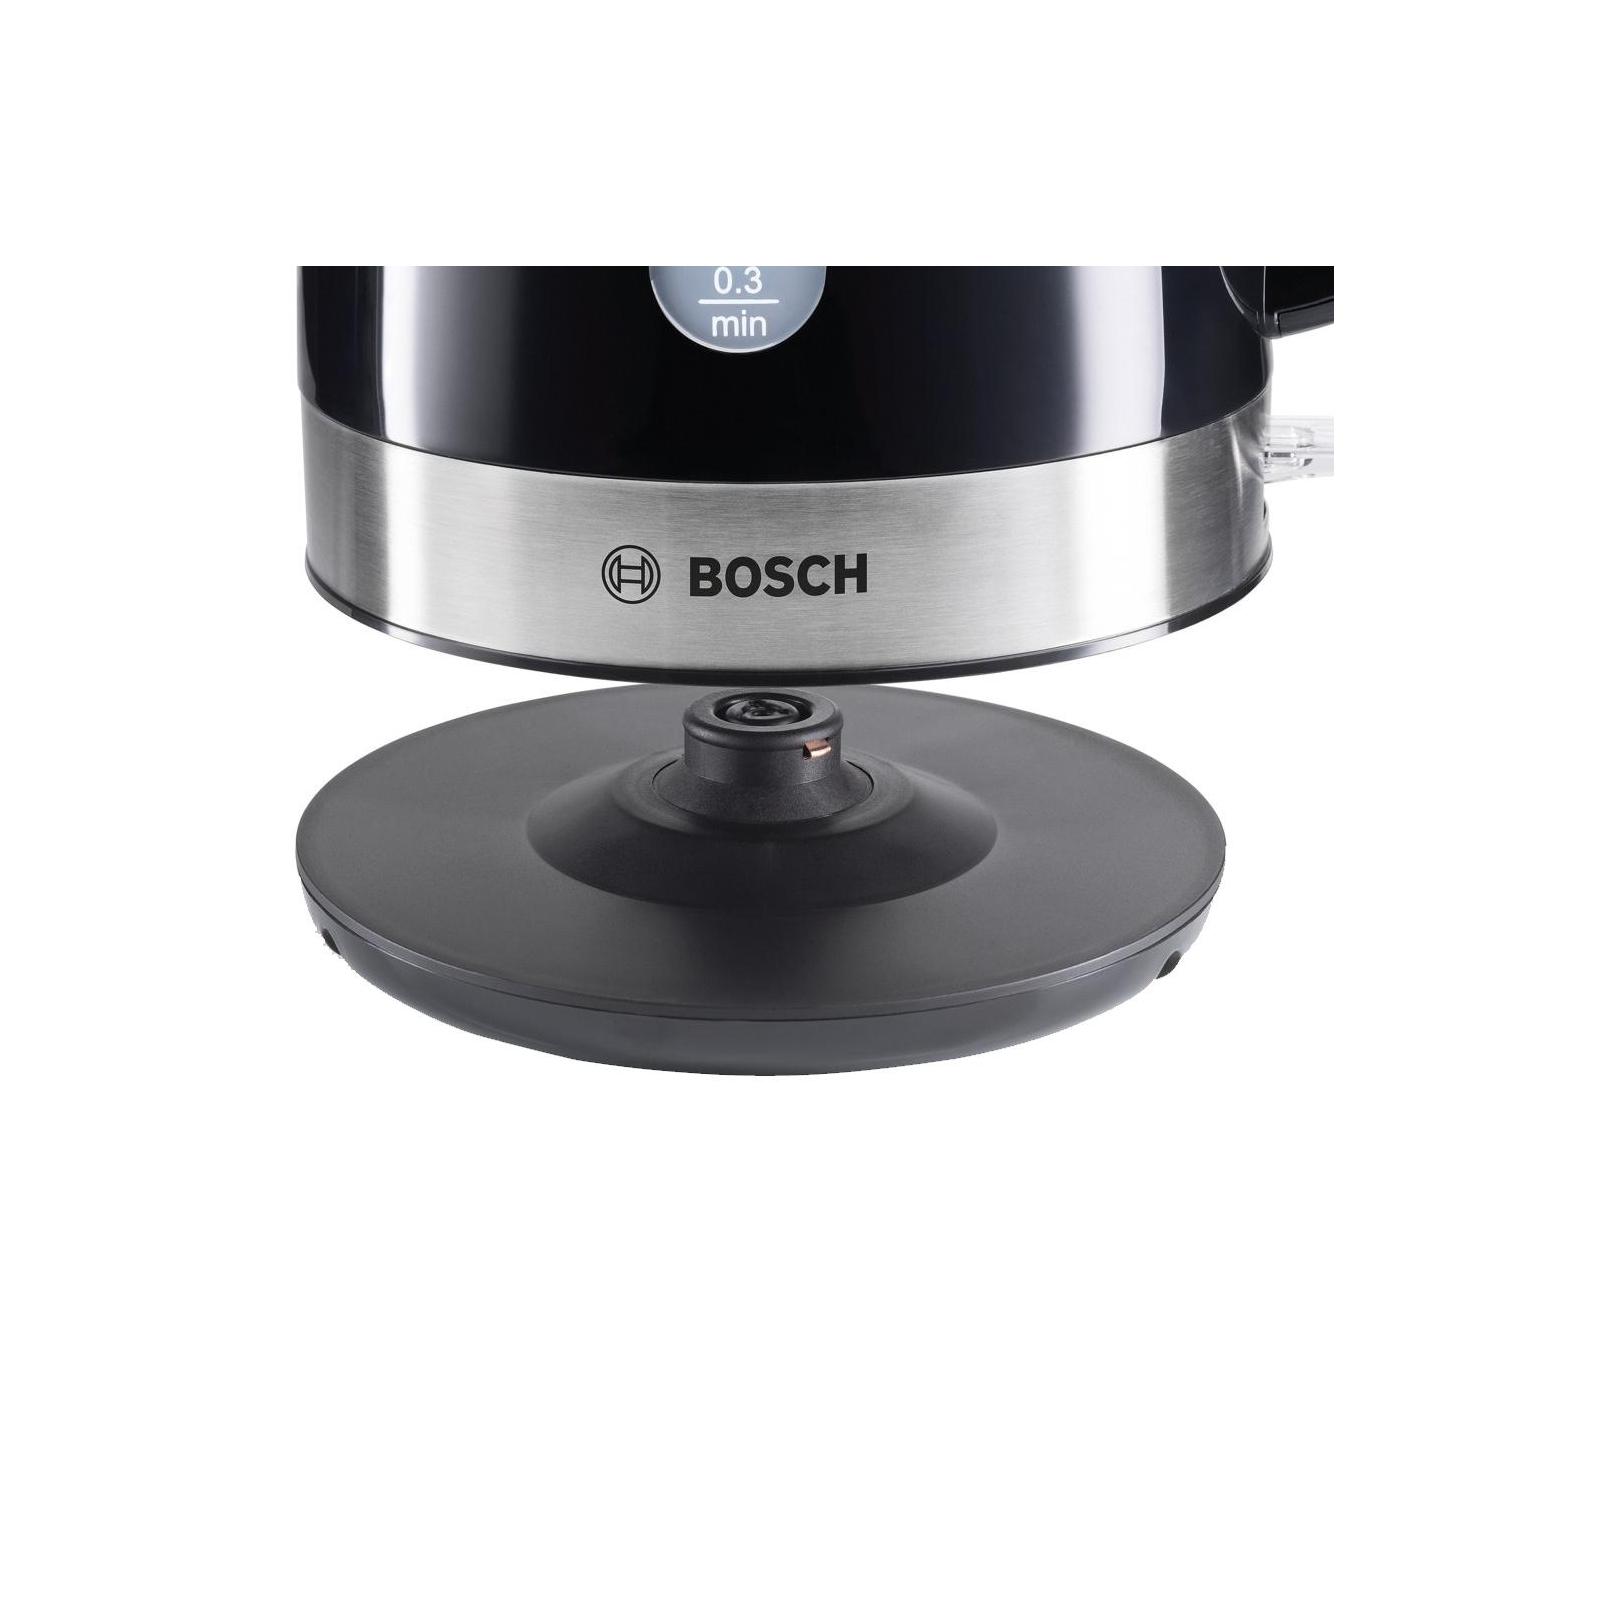 Электрочайник BOSCH TWK 7403 изображение 6